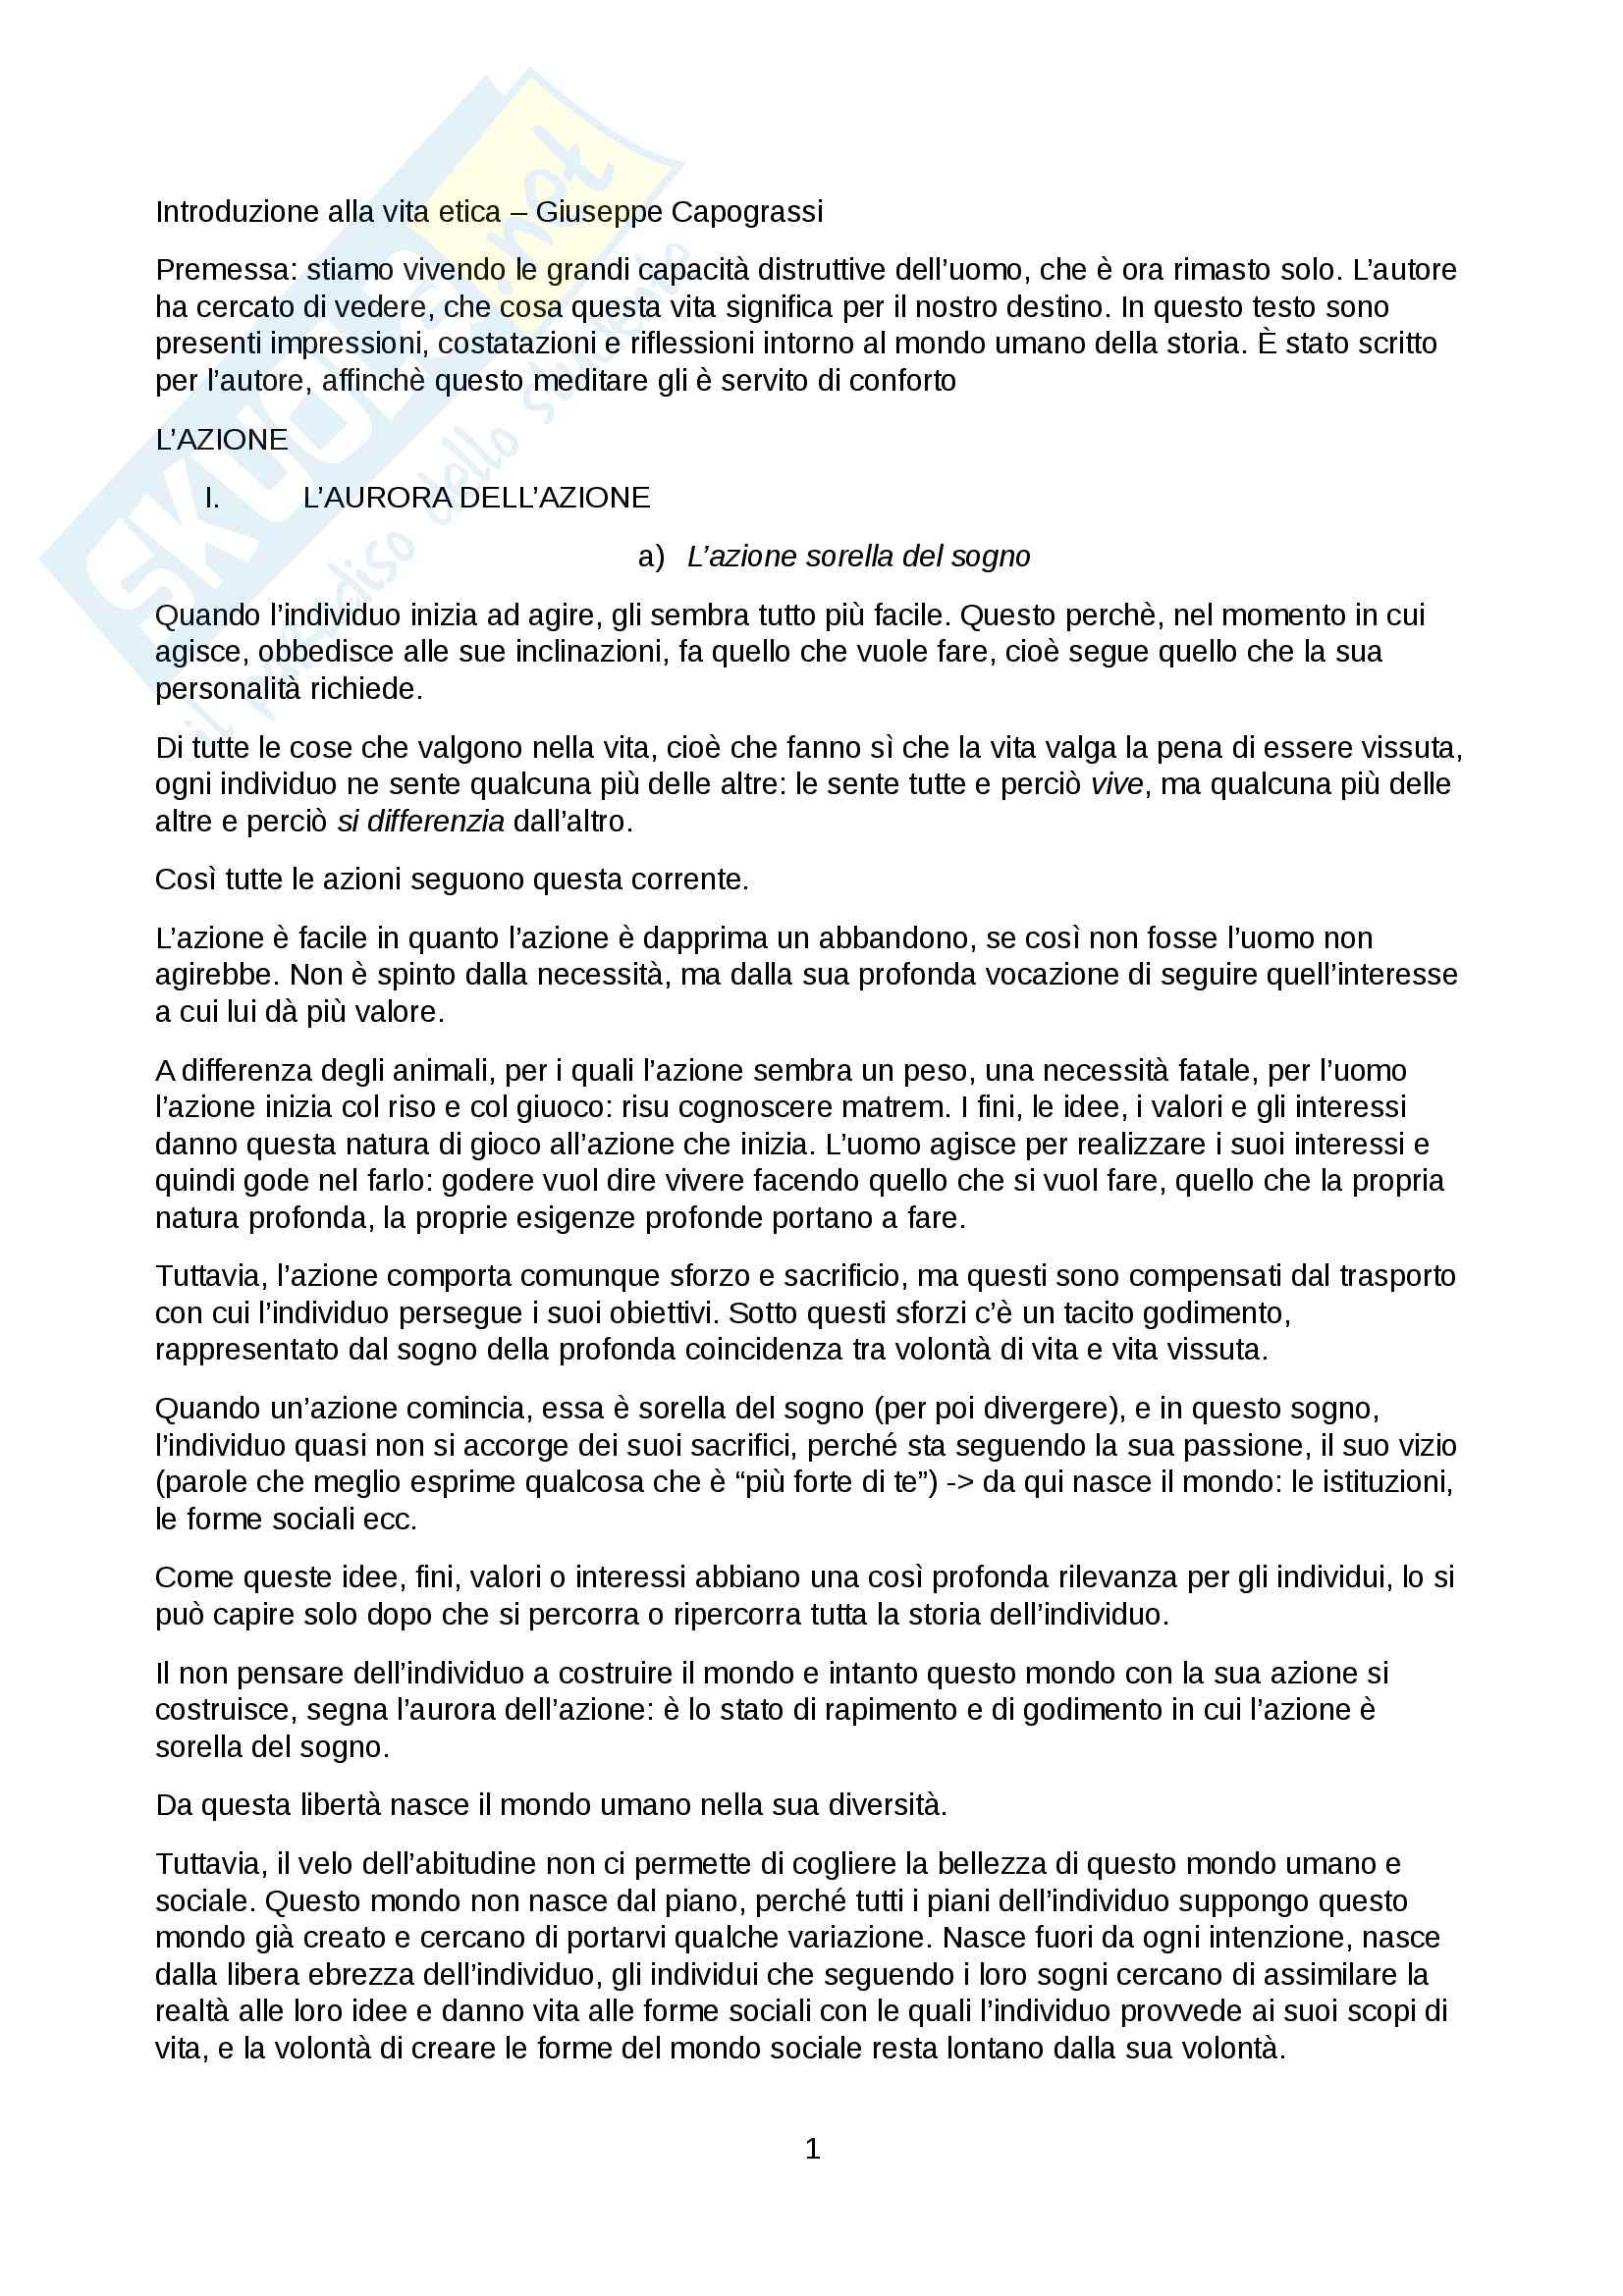 Riassunto esame Teologia Morale, Docente: Giuseppina De Simone, libro consigliato: Introduzione alla vita etica, Giuseppe Capograssi